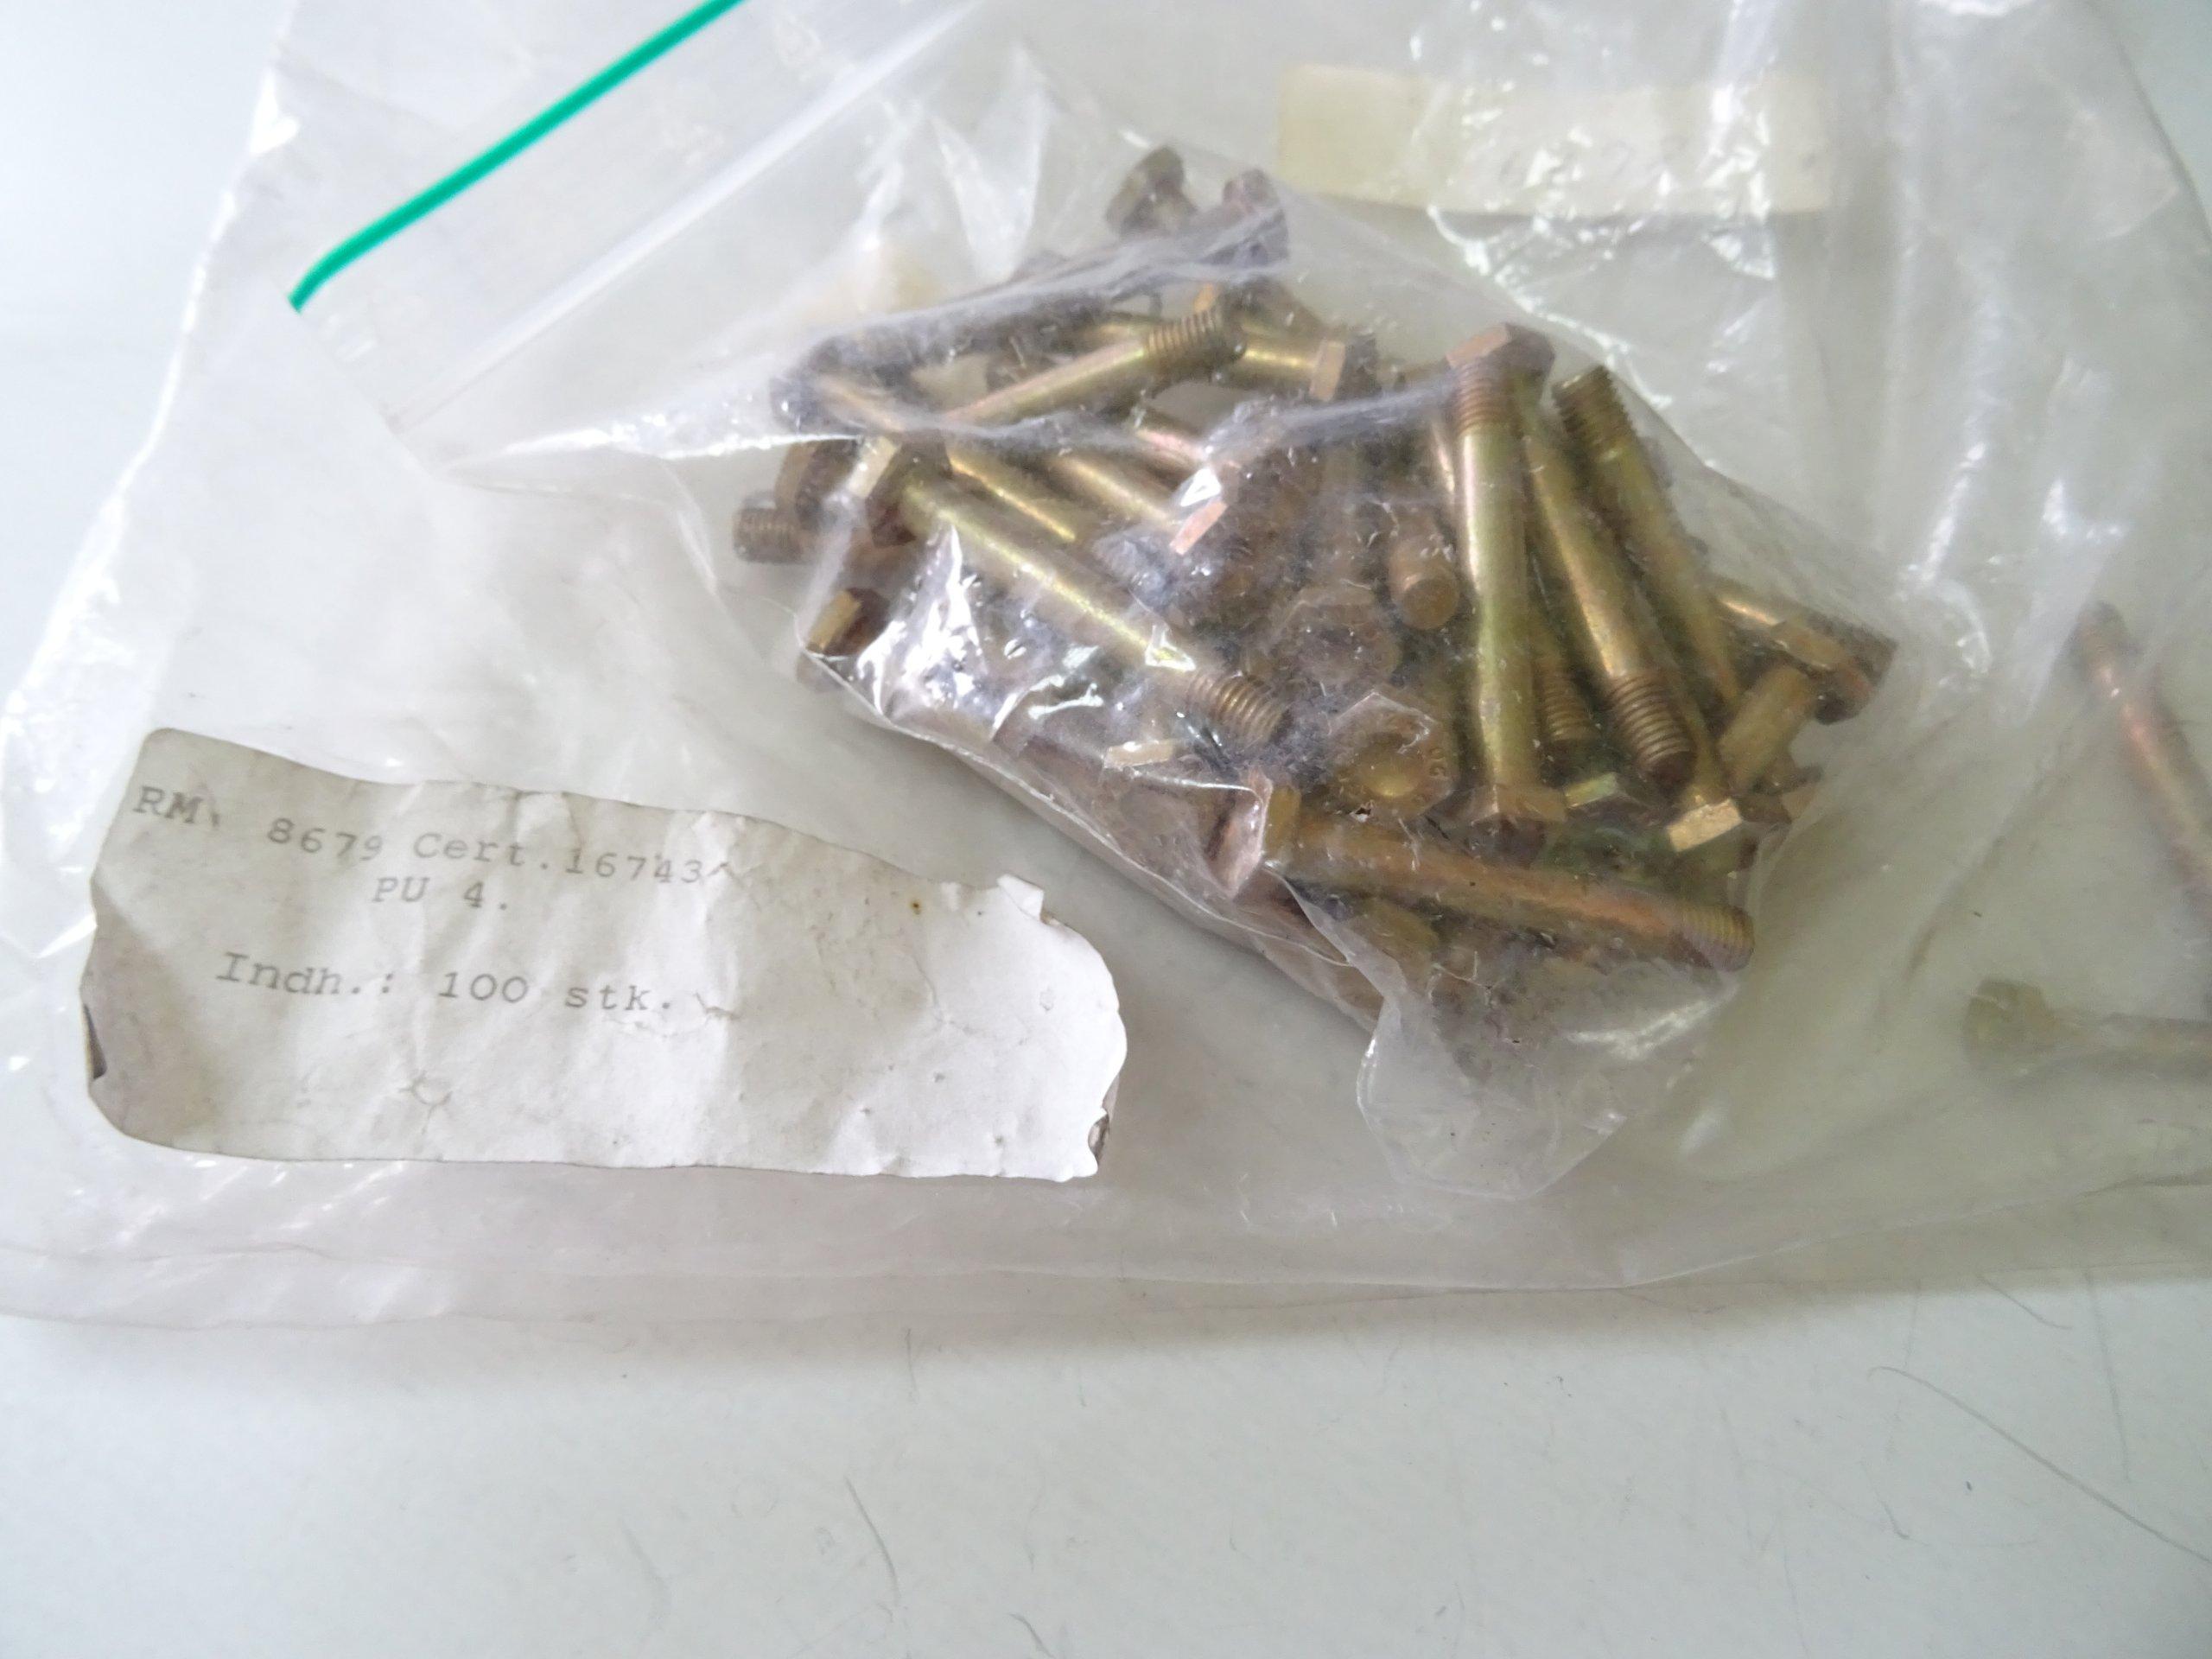 ŚRUBA ŚRUBY BLIND BOLT RM8679